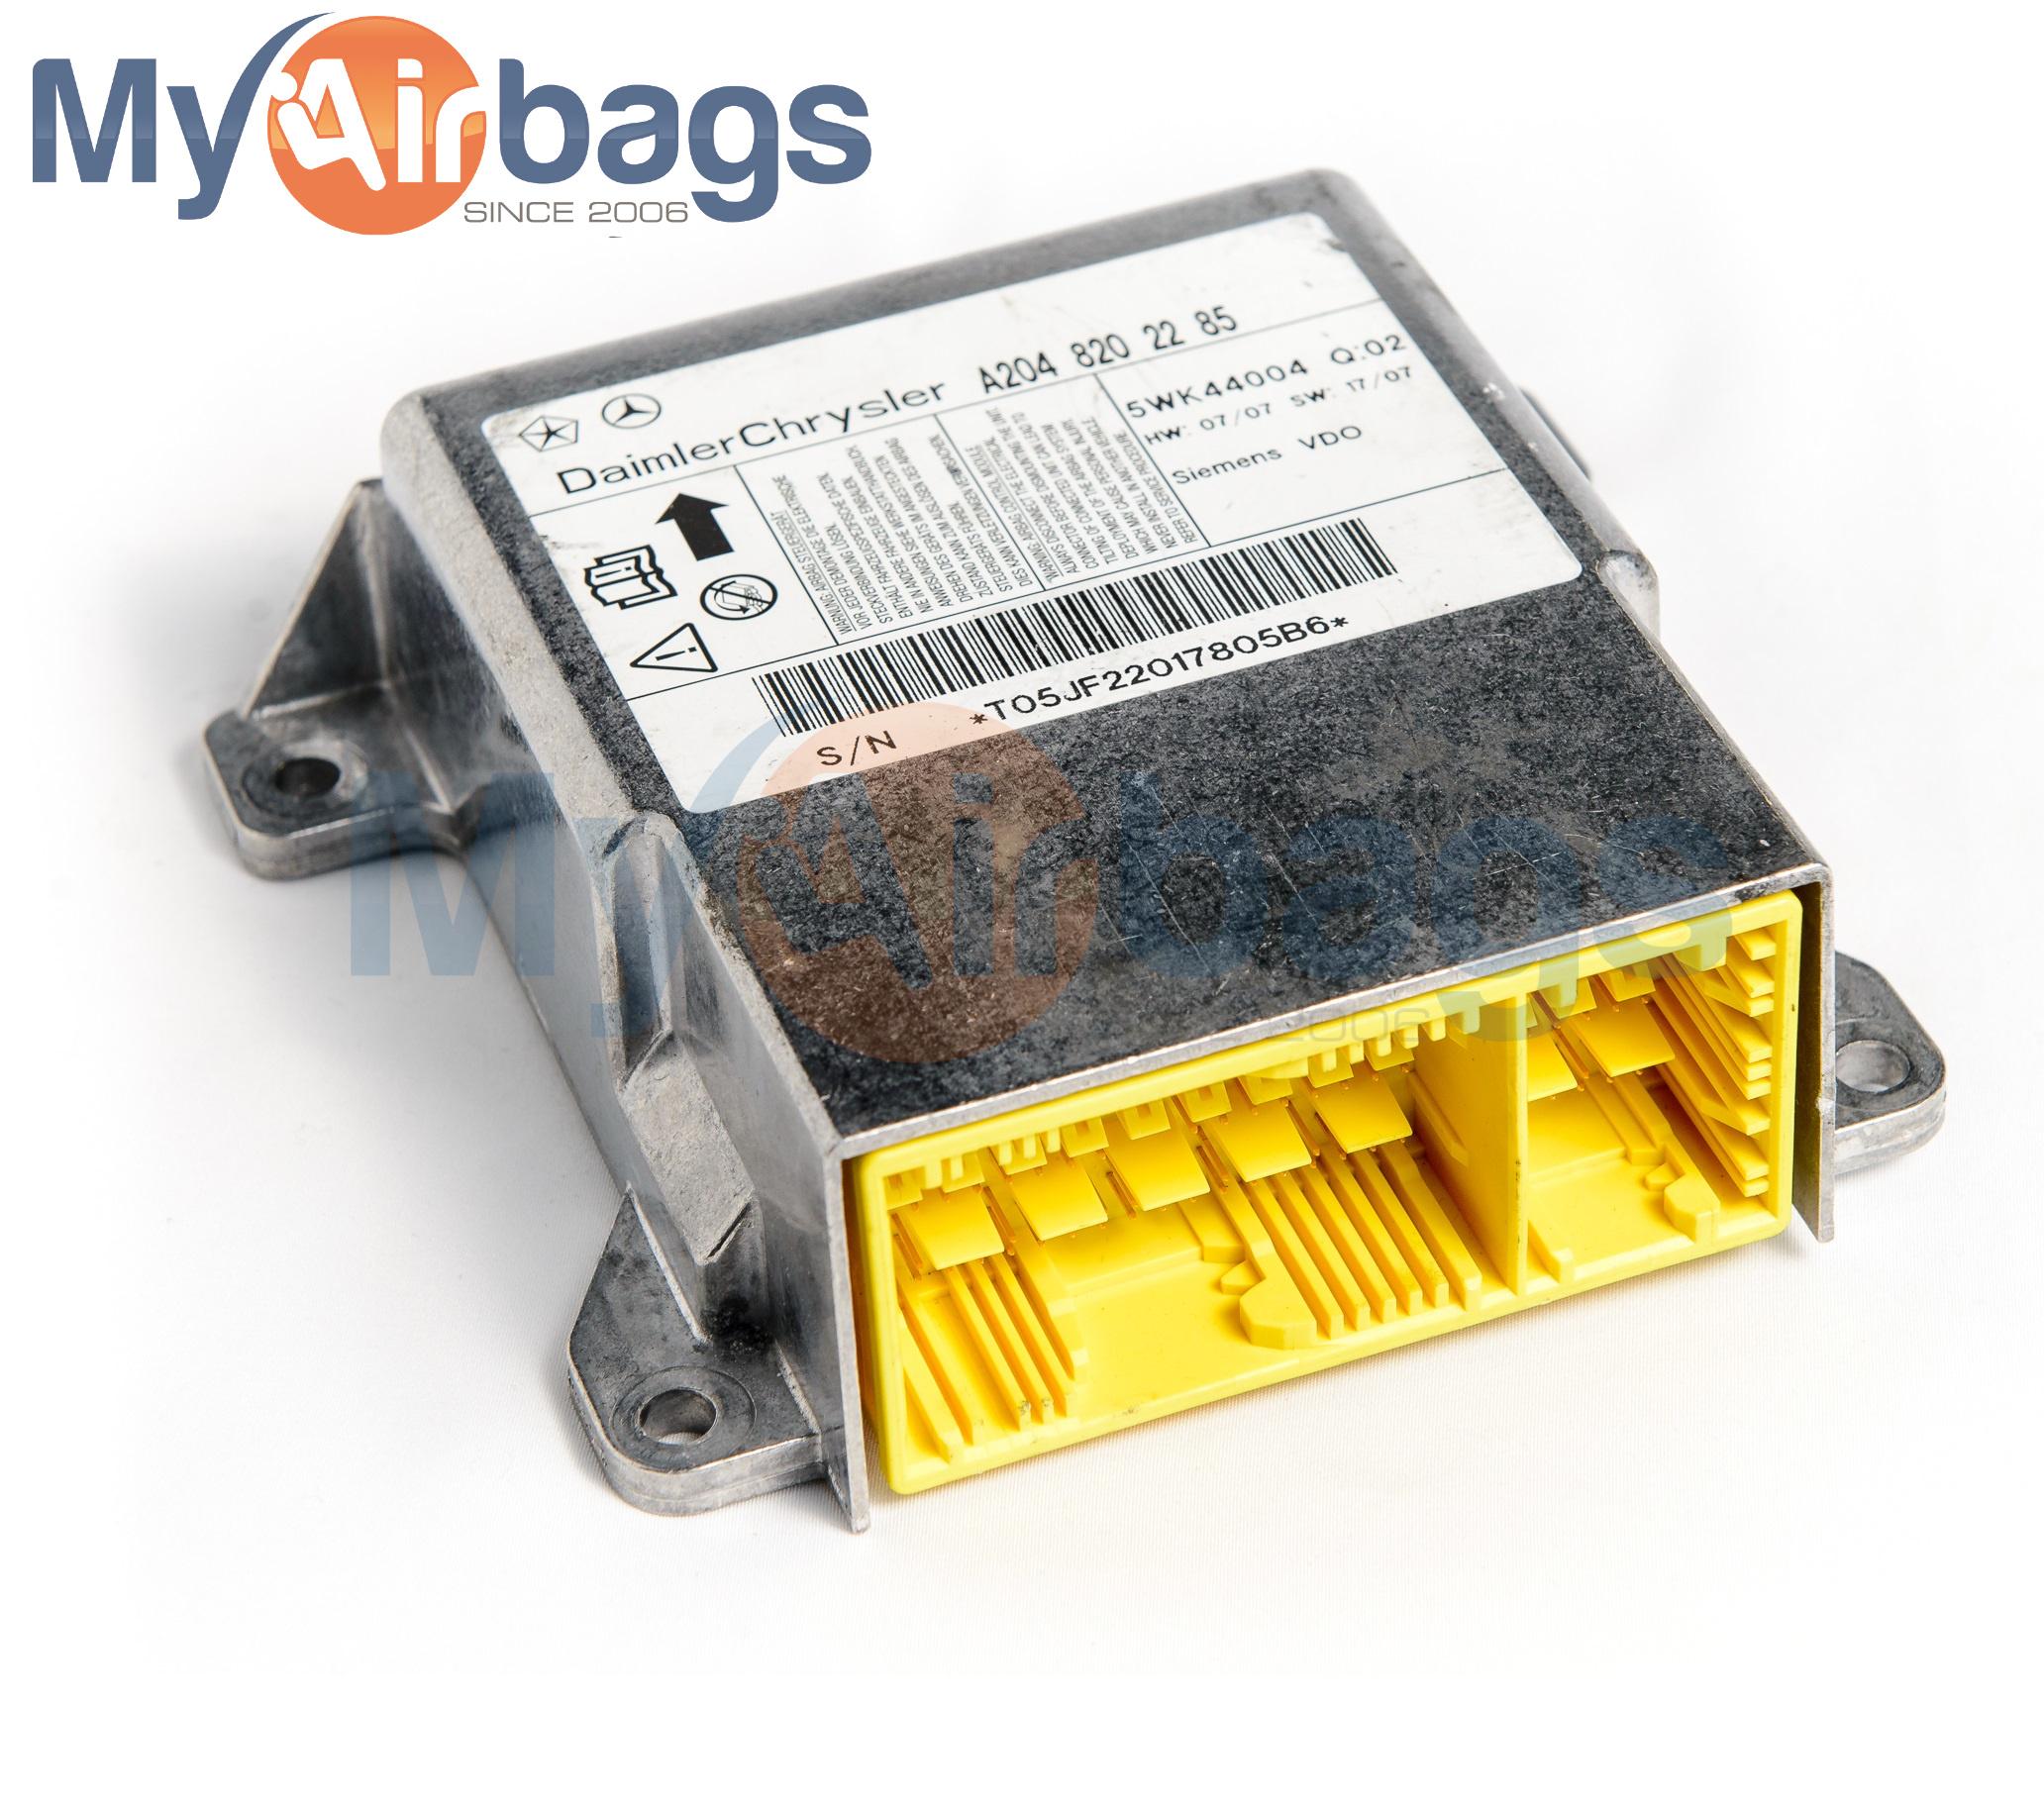 MyAirbags-Airbag-Module-Airbag-Reset-Mercedes-Benz-1